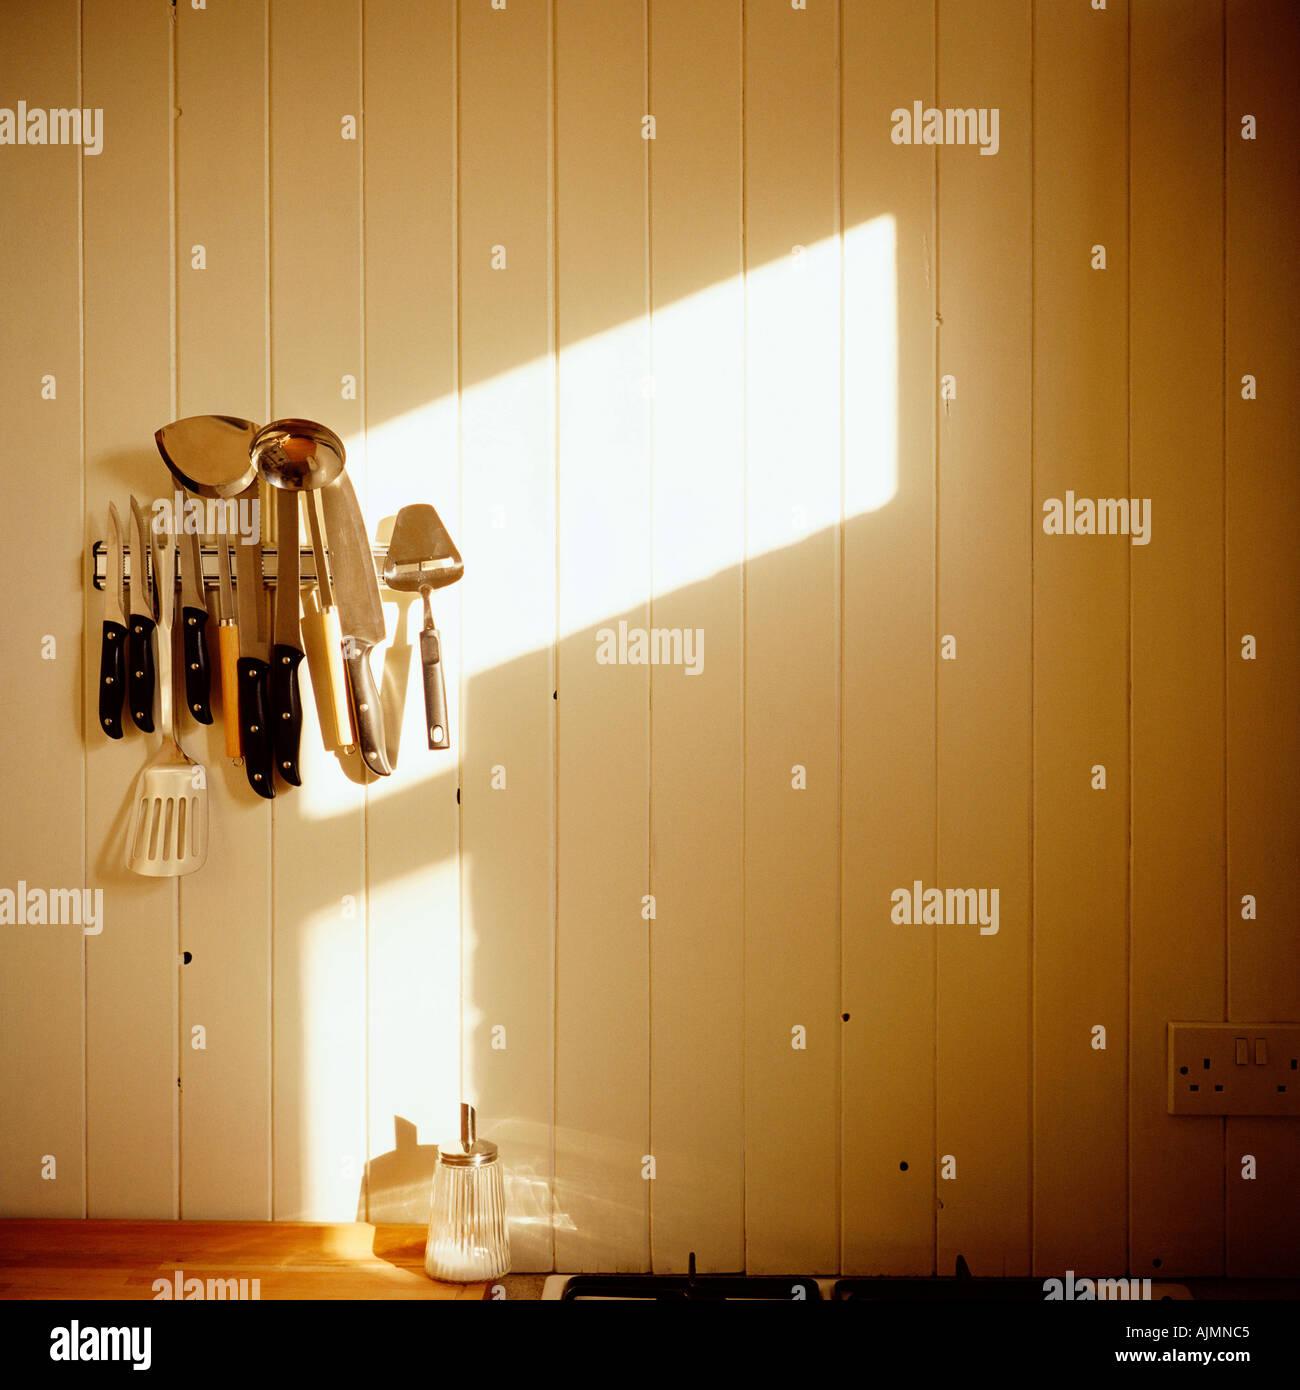 Kitchen utensils on wall - Stock Image